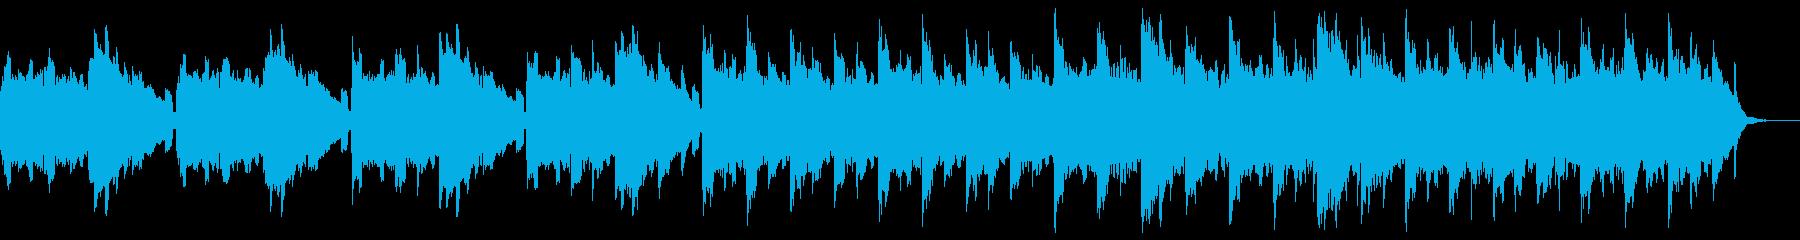 ヨガのバックミュージックなどに合う曲の再生済みの波形